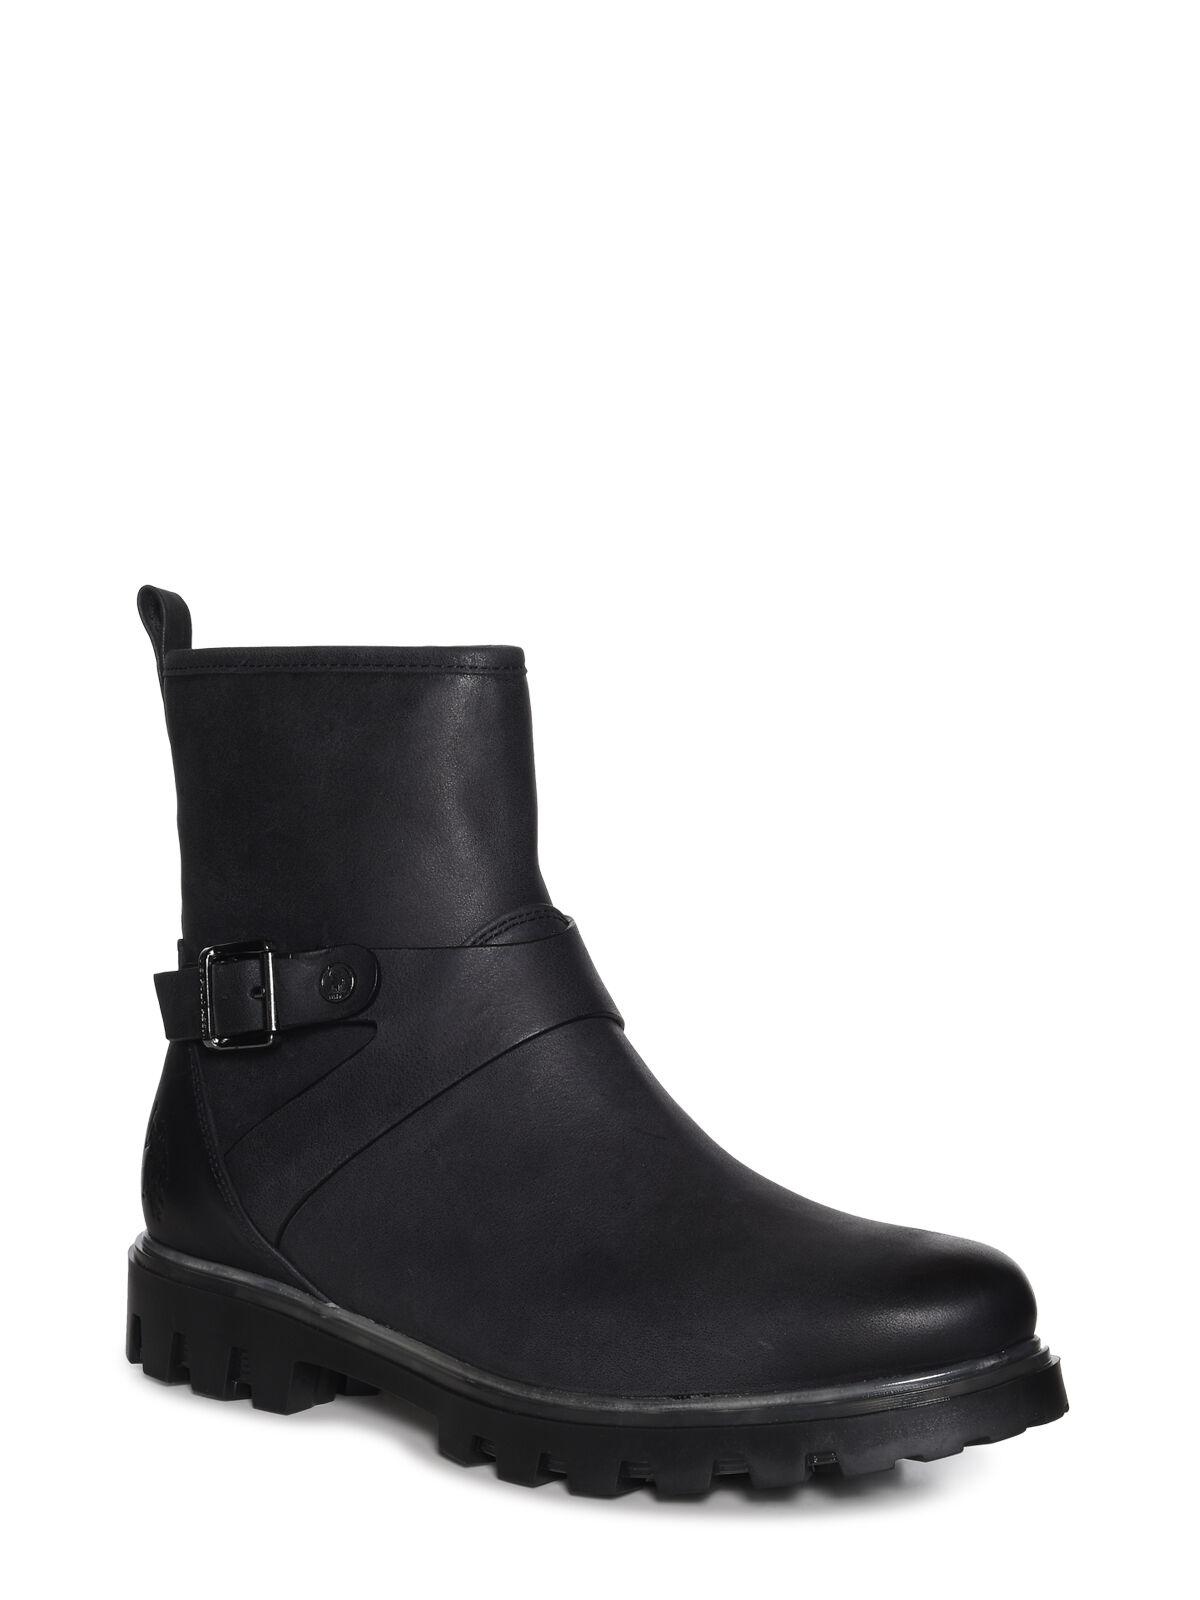 U.S. Polo Assn. Boots Sally schwarz